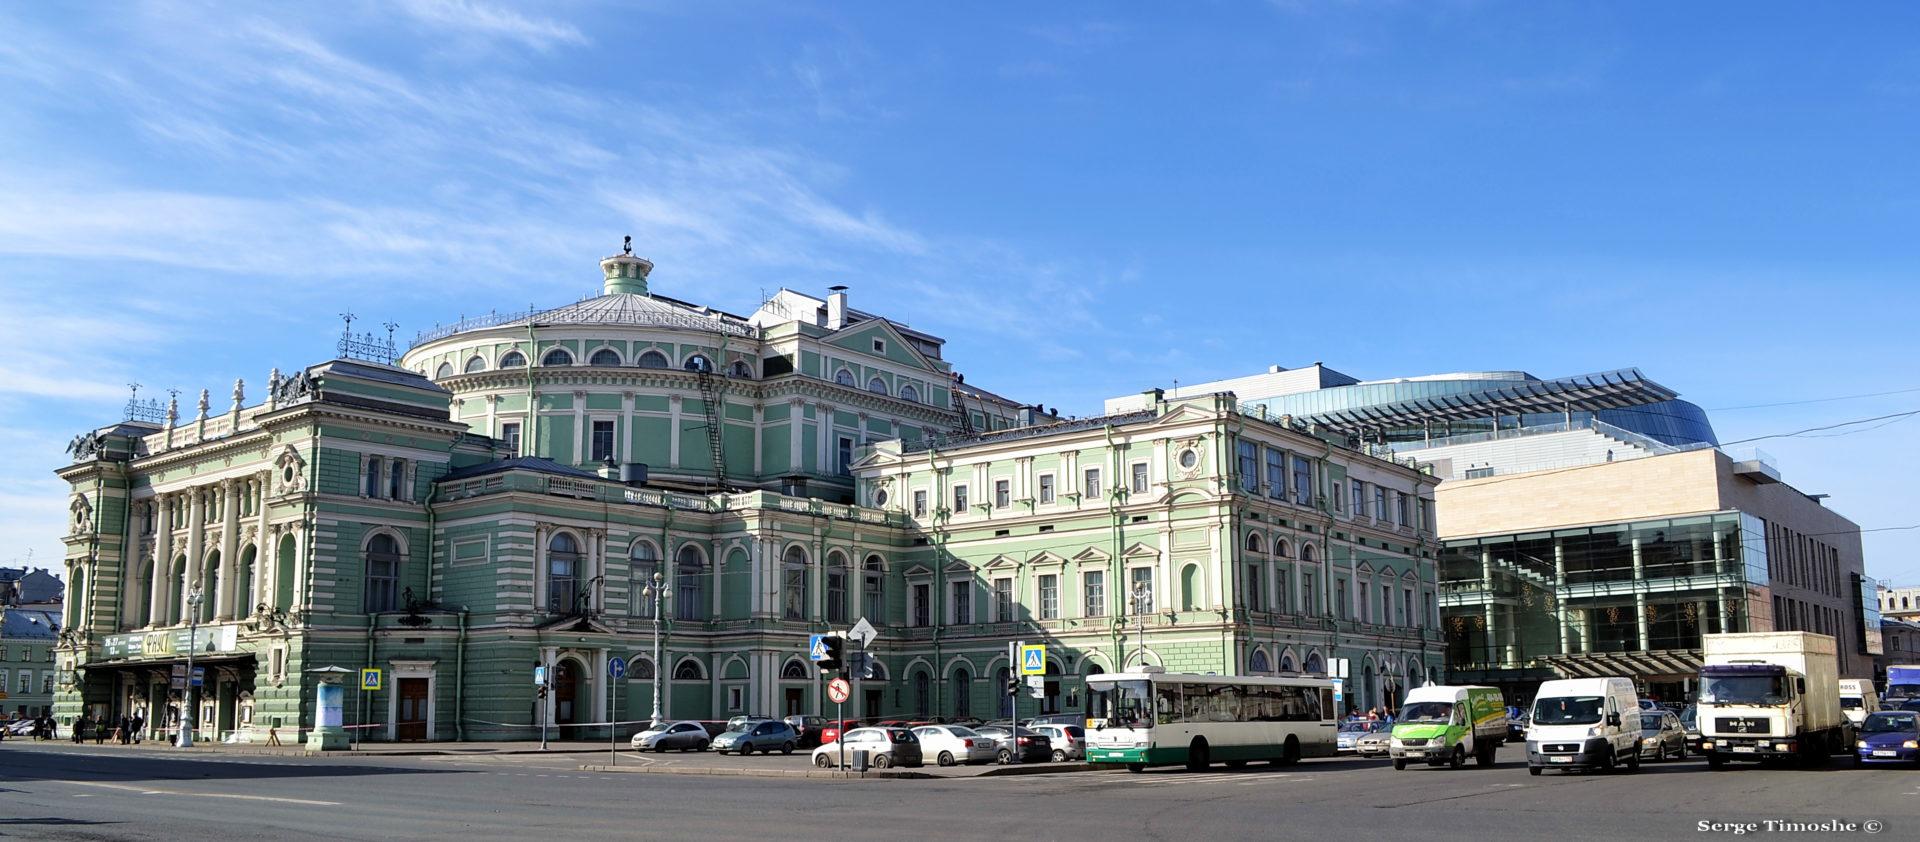 6. Мариинский театр в Санкт-Петербурге является одним из самых известных театров оперы и балета не только в России, но и во всем мире. Год основания – 1783.